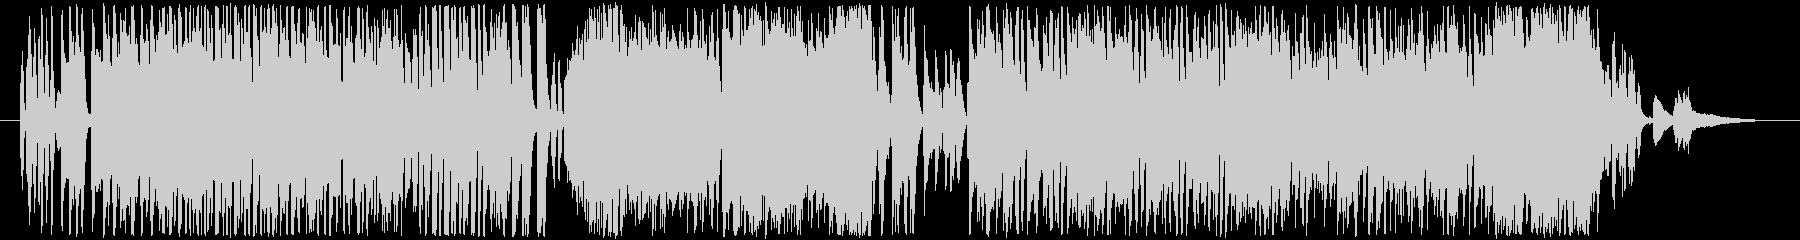 ピアノによるパワフルなサンバの未再生の波形